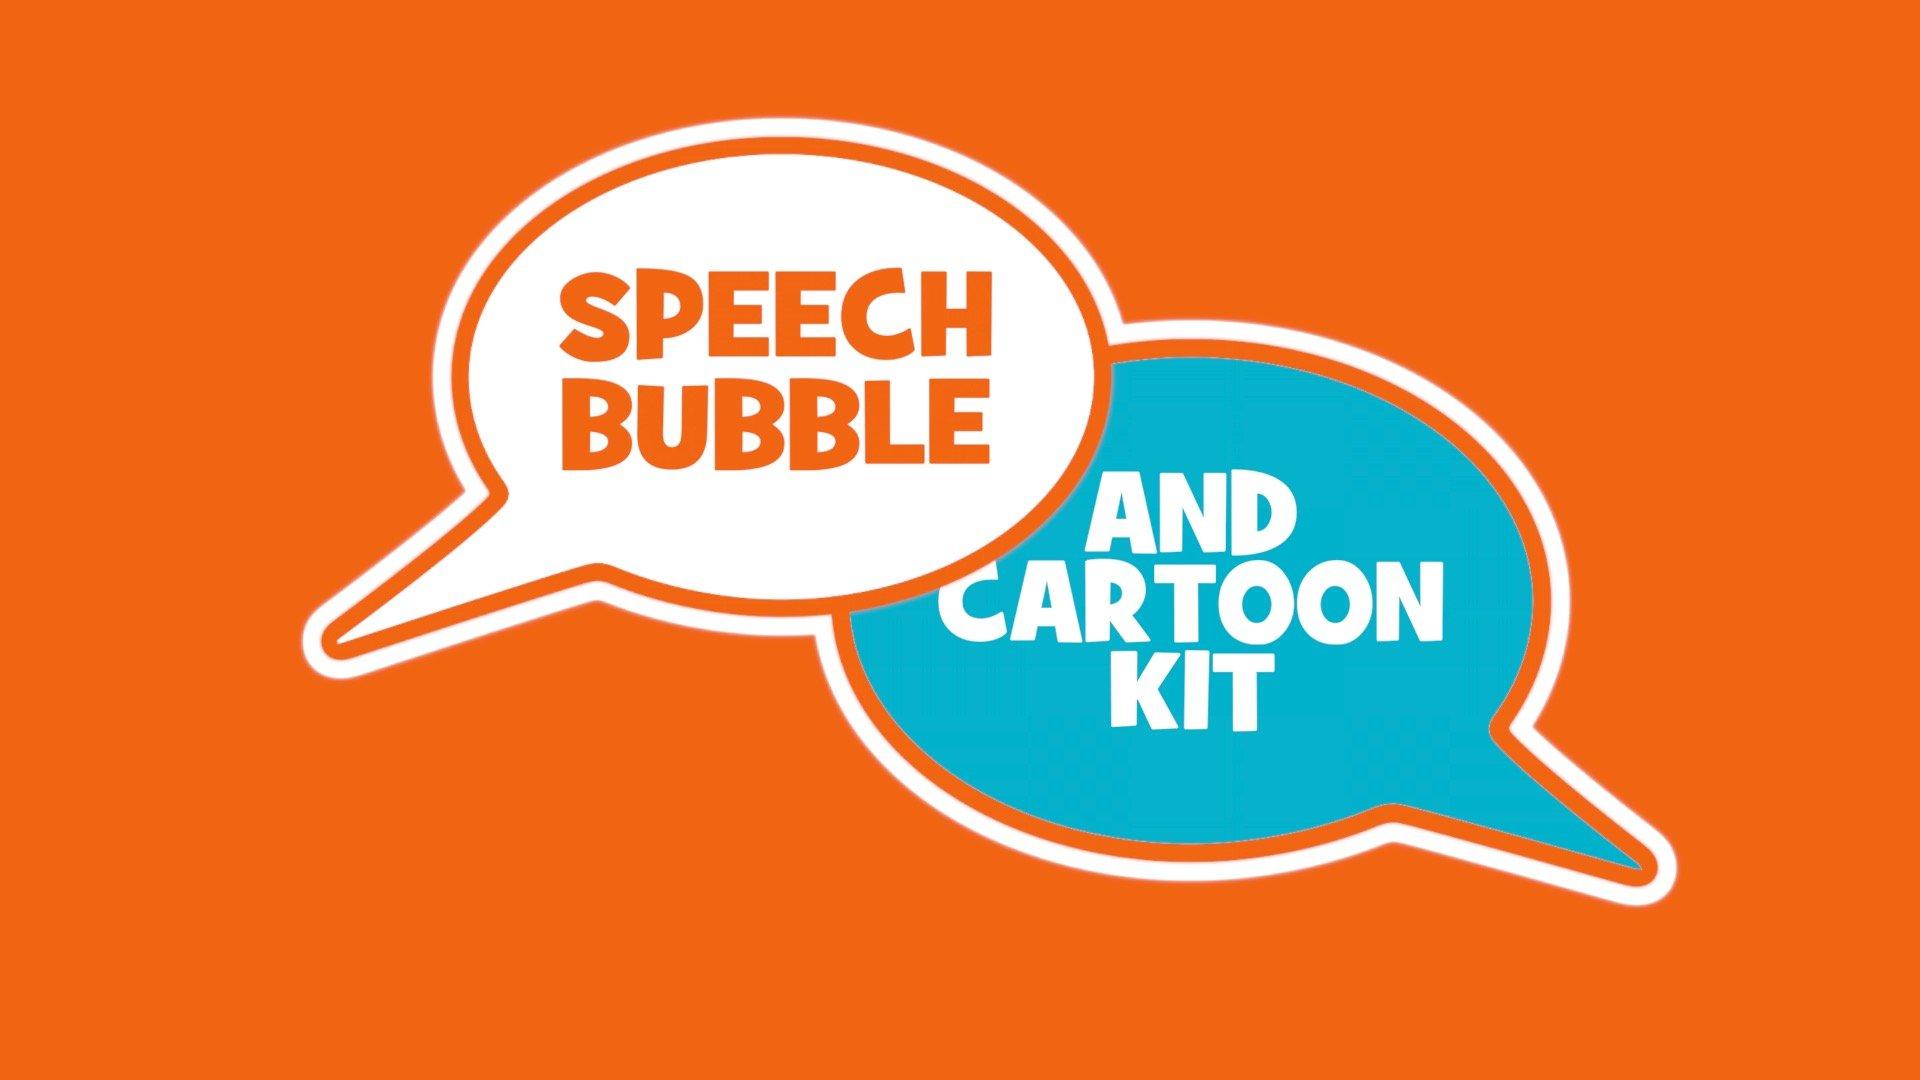 Speech Bubble, Cartoon Effect & Cartoon Panel 1.1 w/ new features!